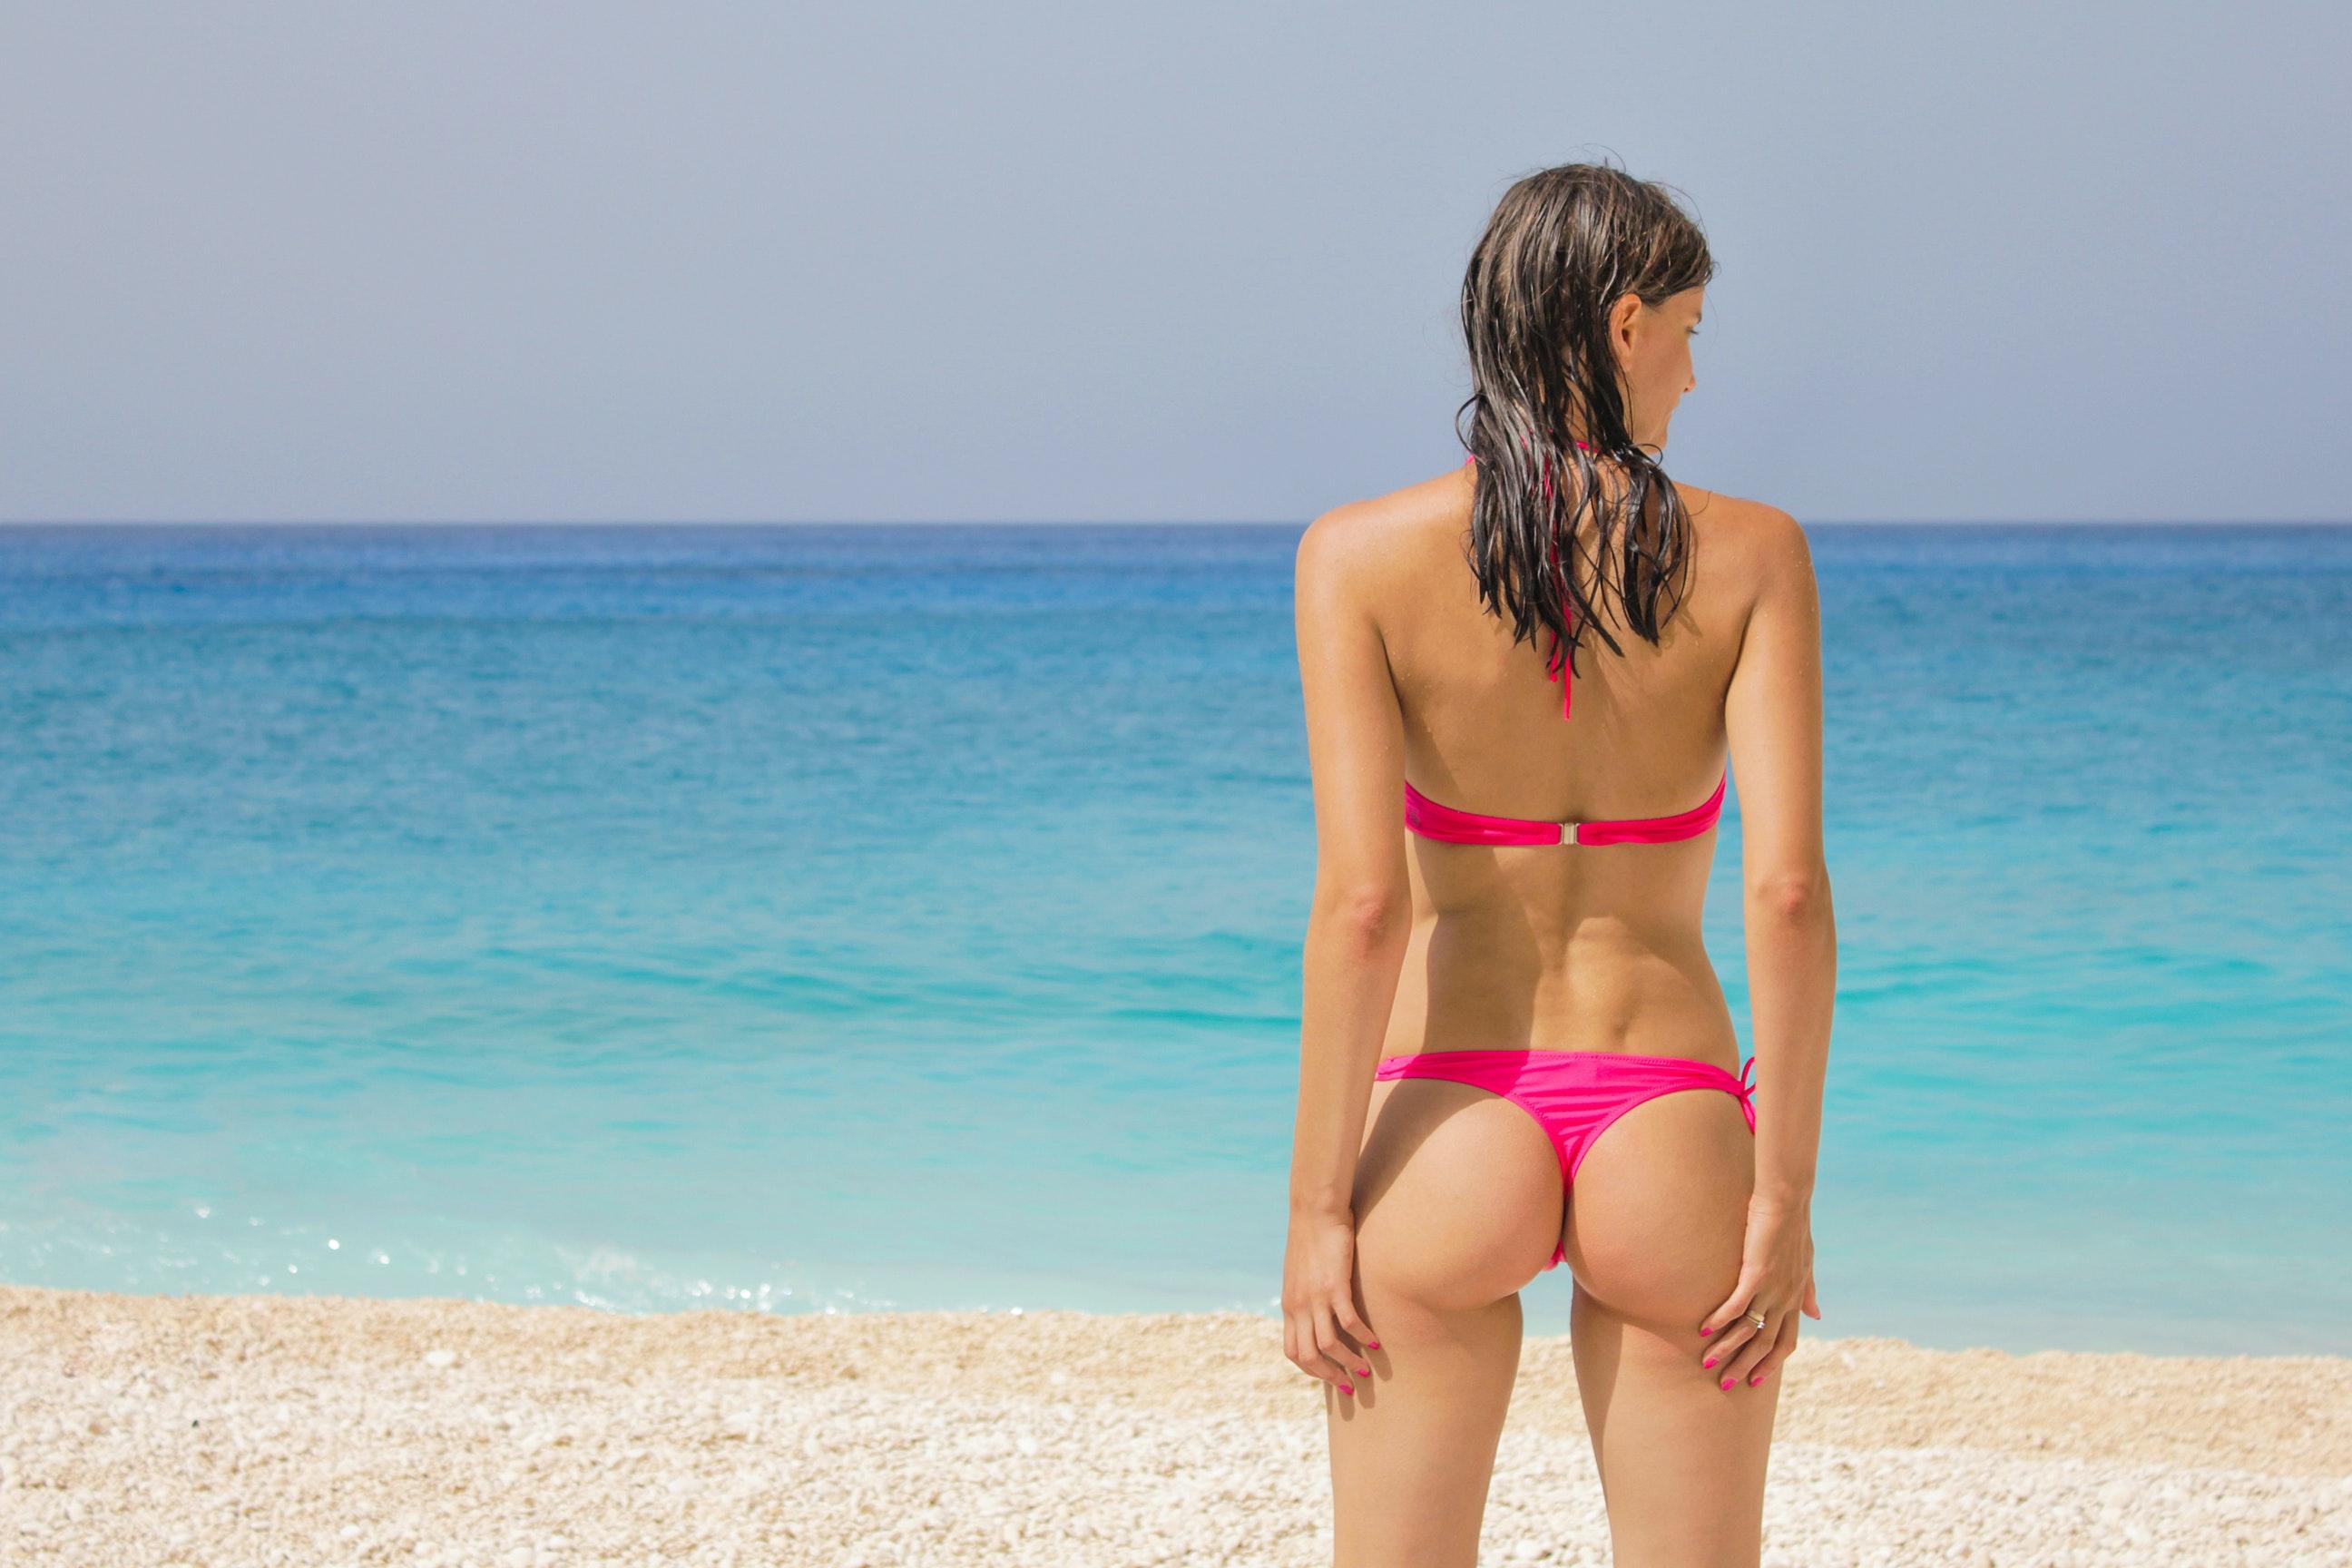 Best bikini ass pics